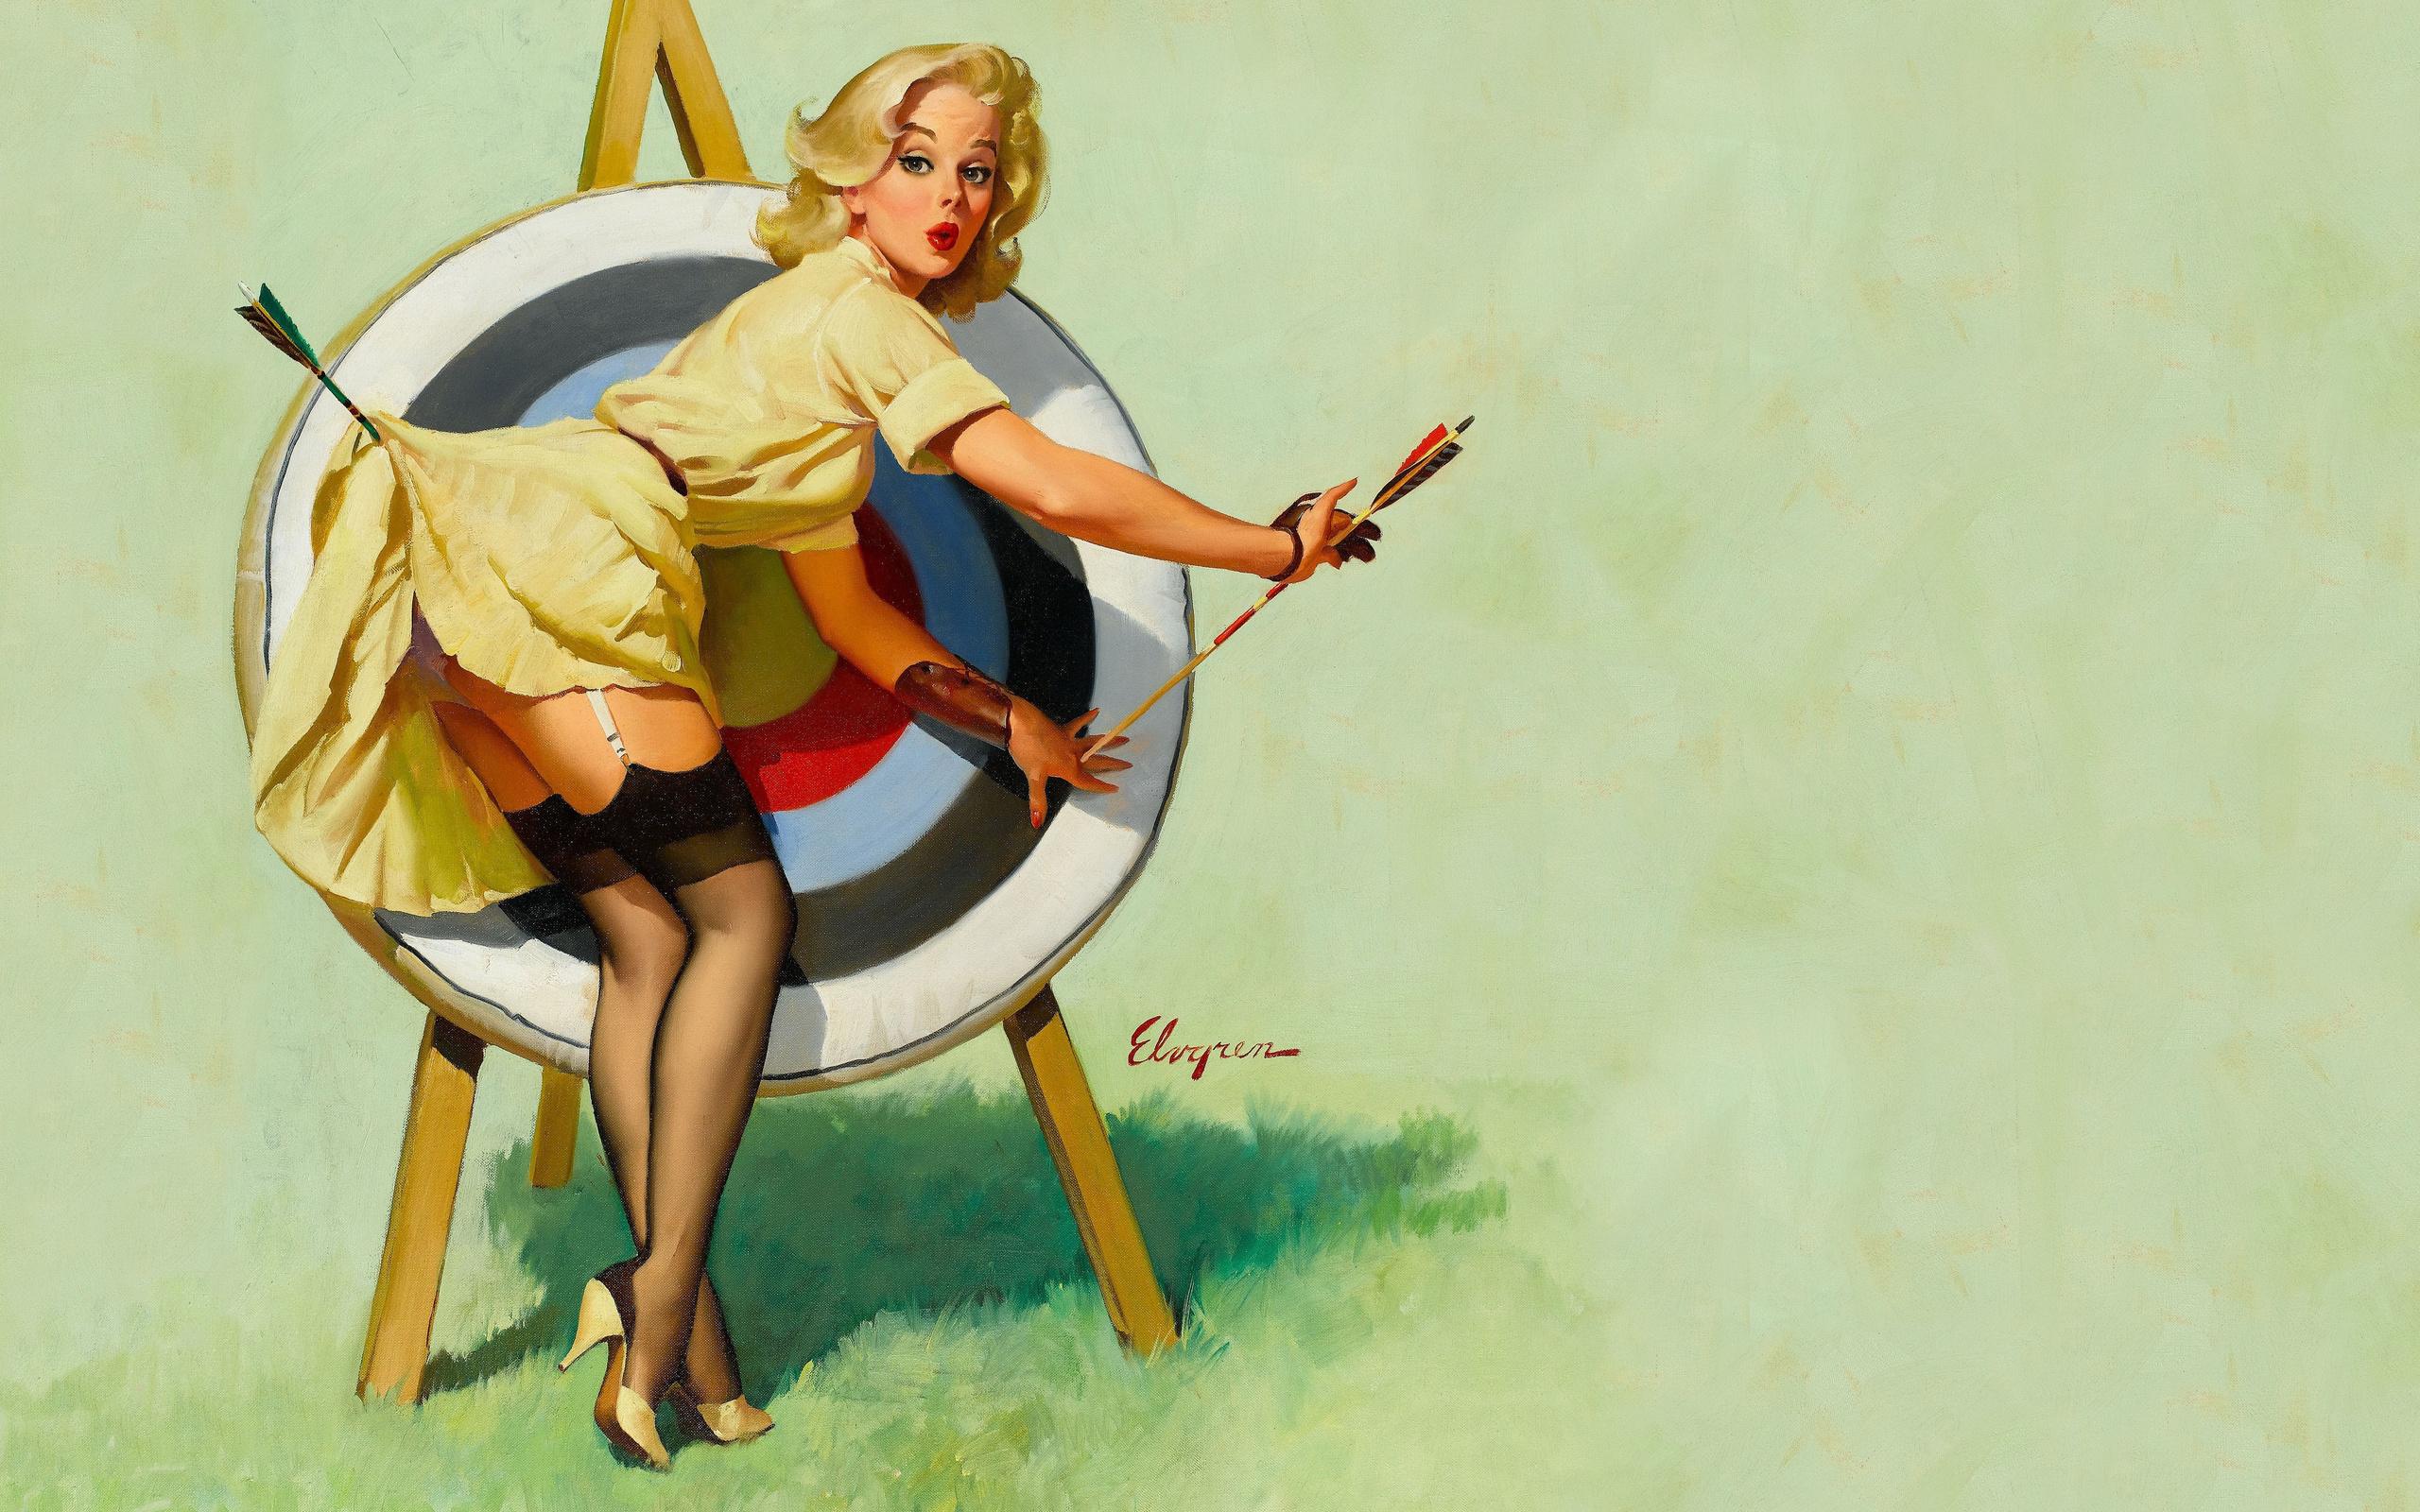 Картинки признании, рисованные рекламные открытки